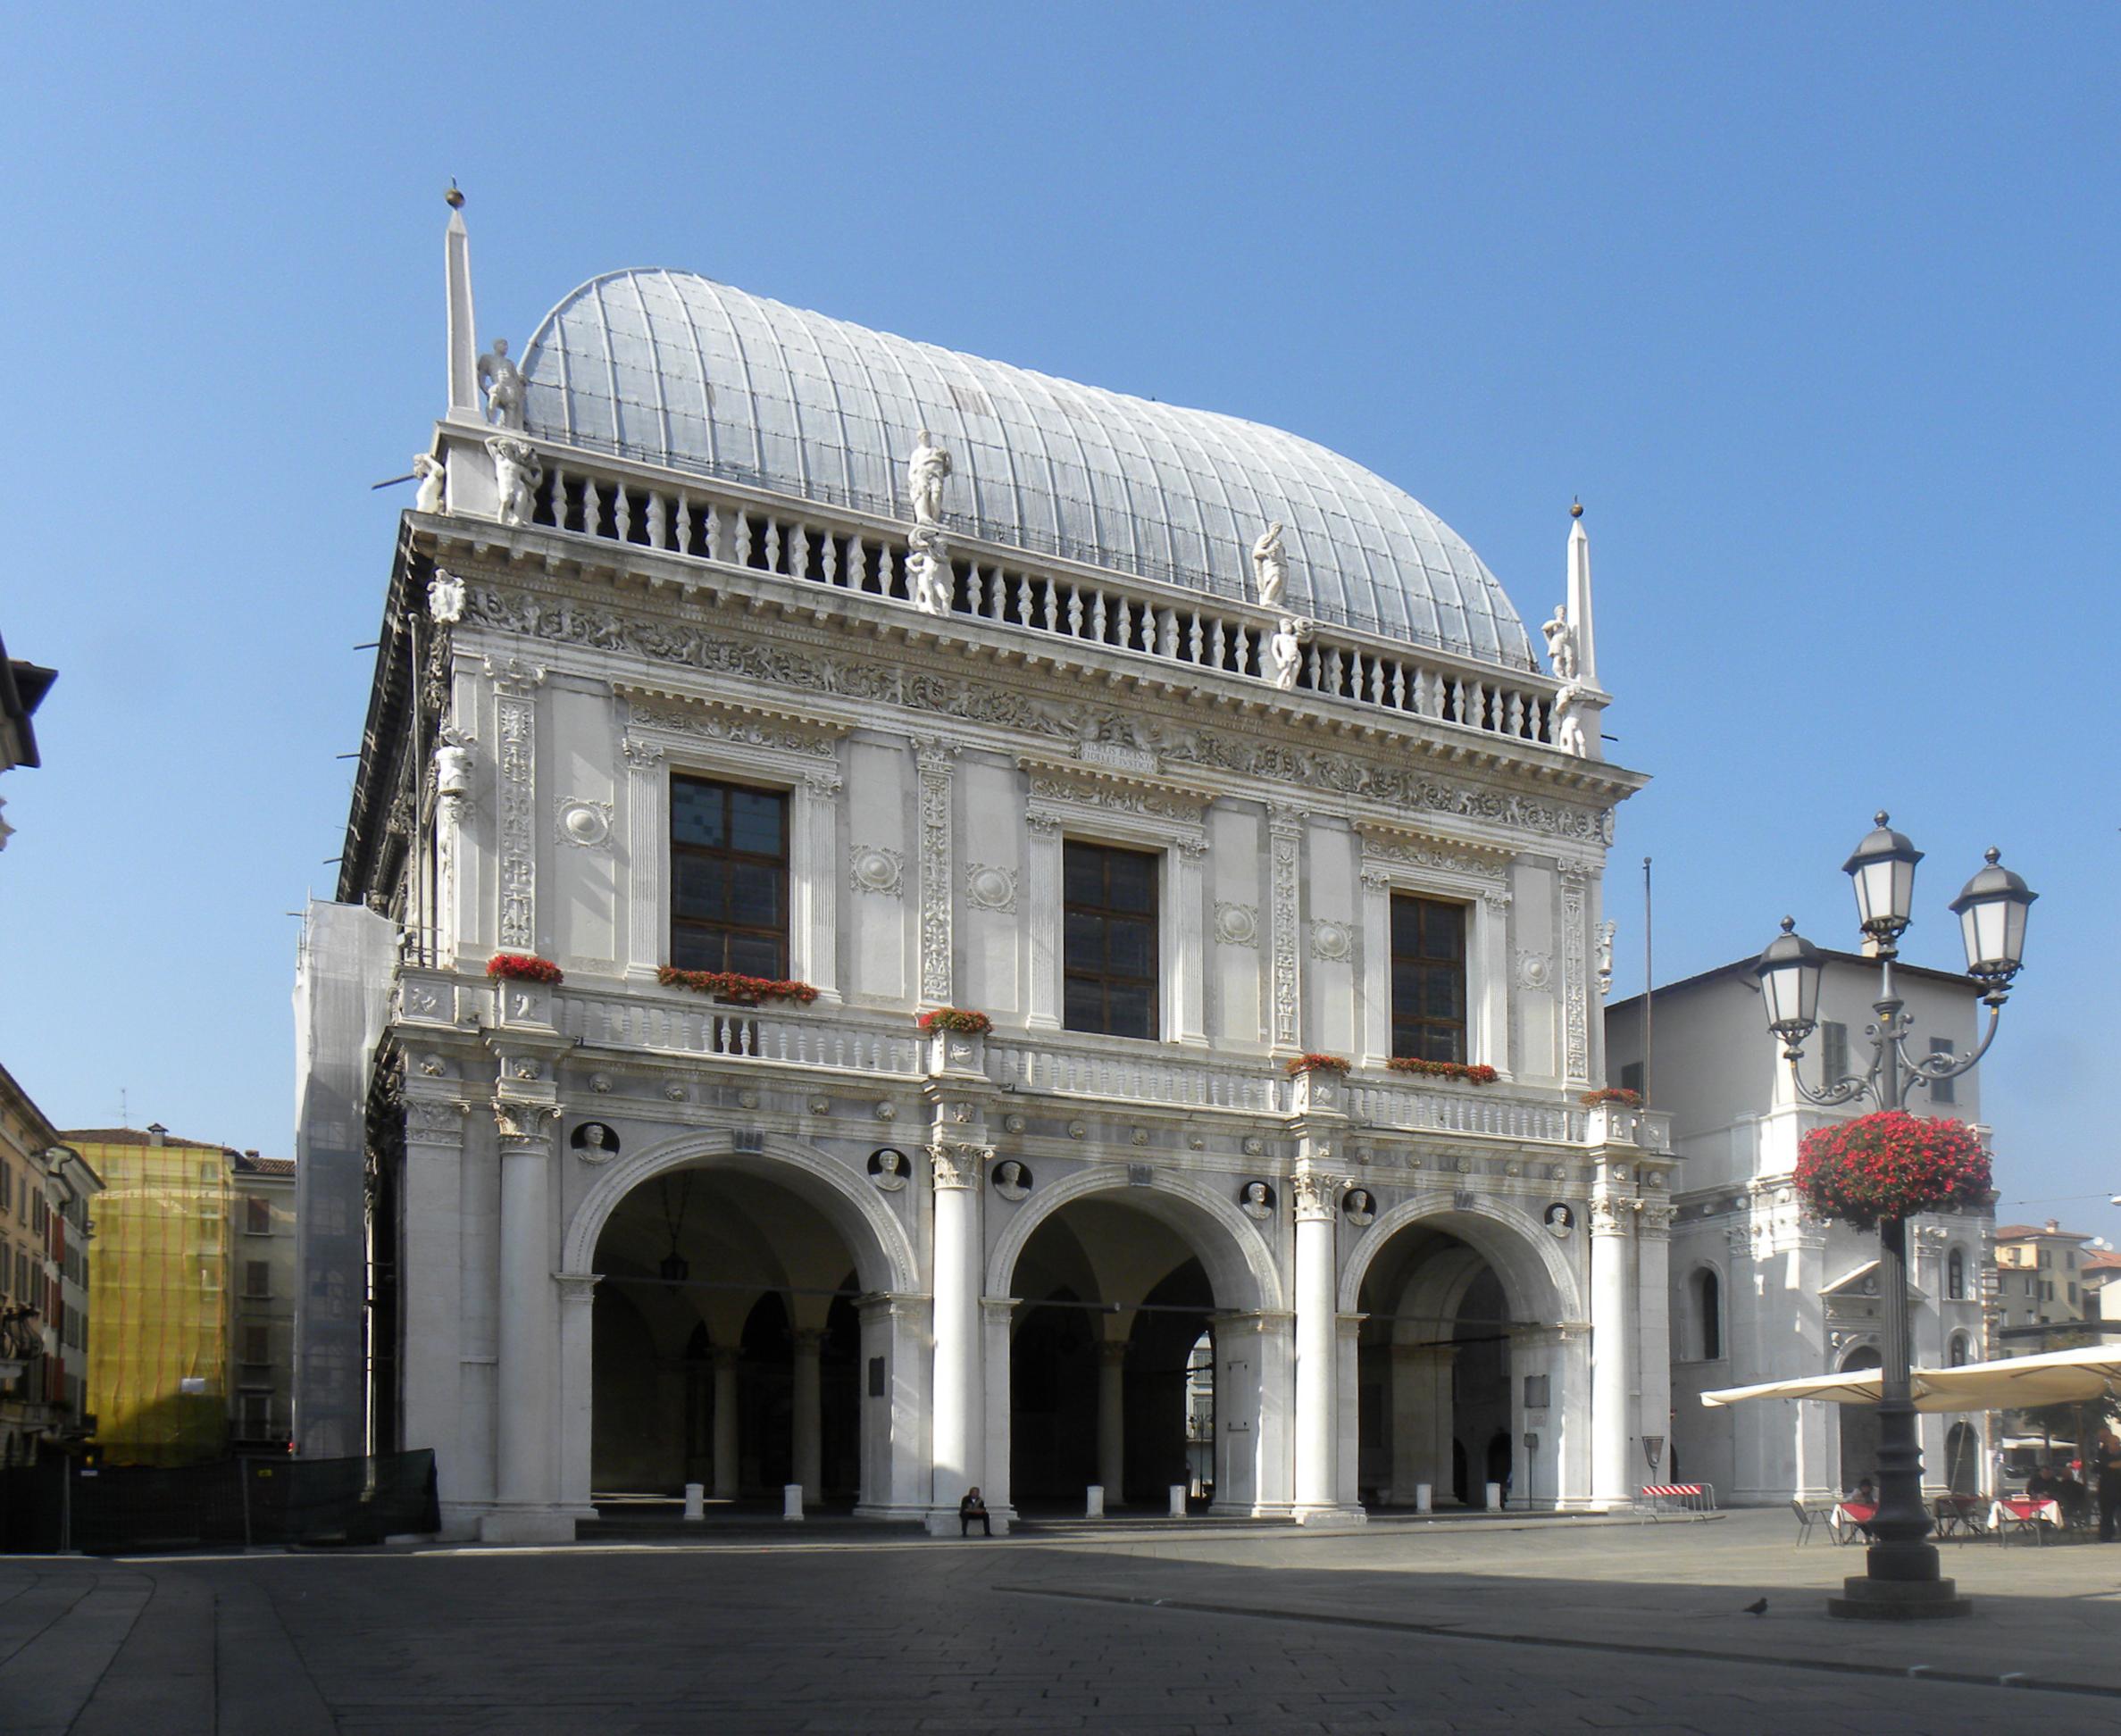 http-::www.touristmilanoverona.info